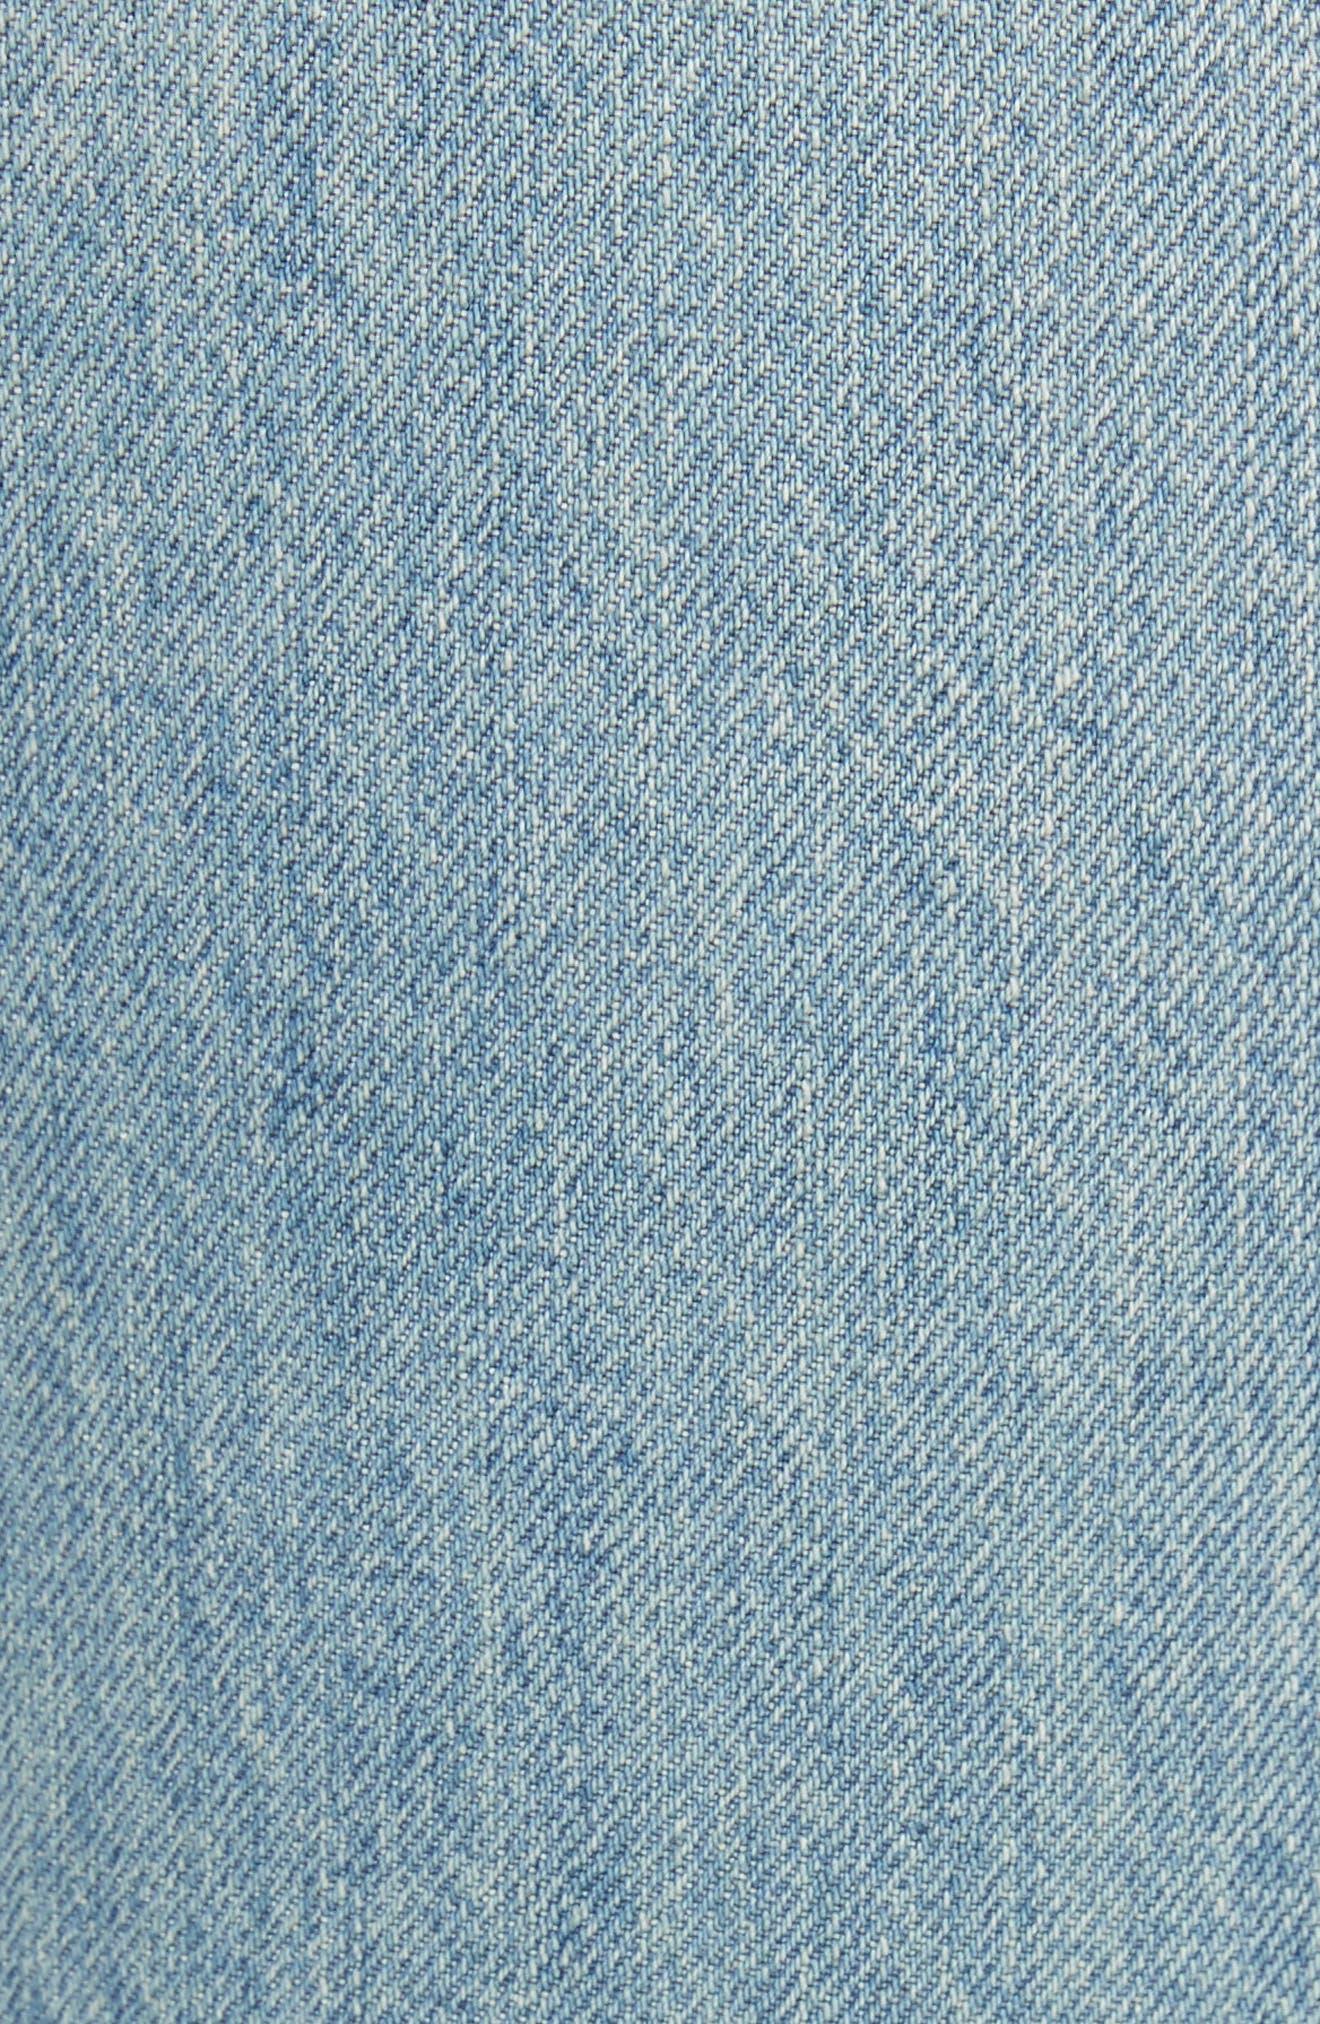 Originals High Waist Ankle Zip Jeans,                             Alternate thumbnail 5, color,                             90S